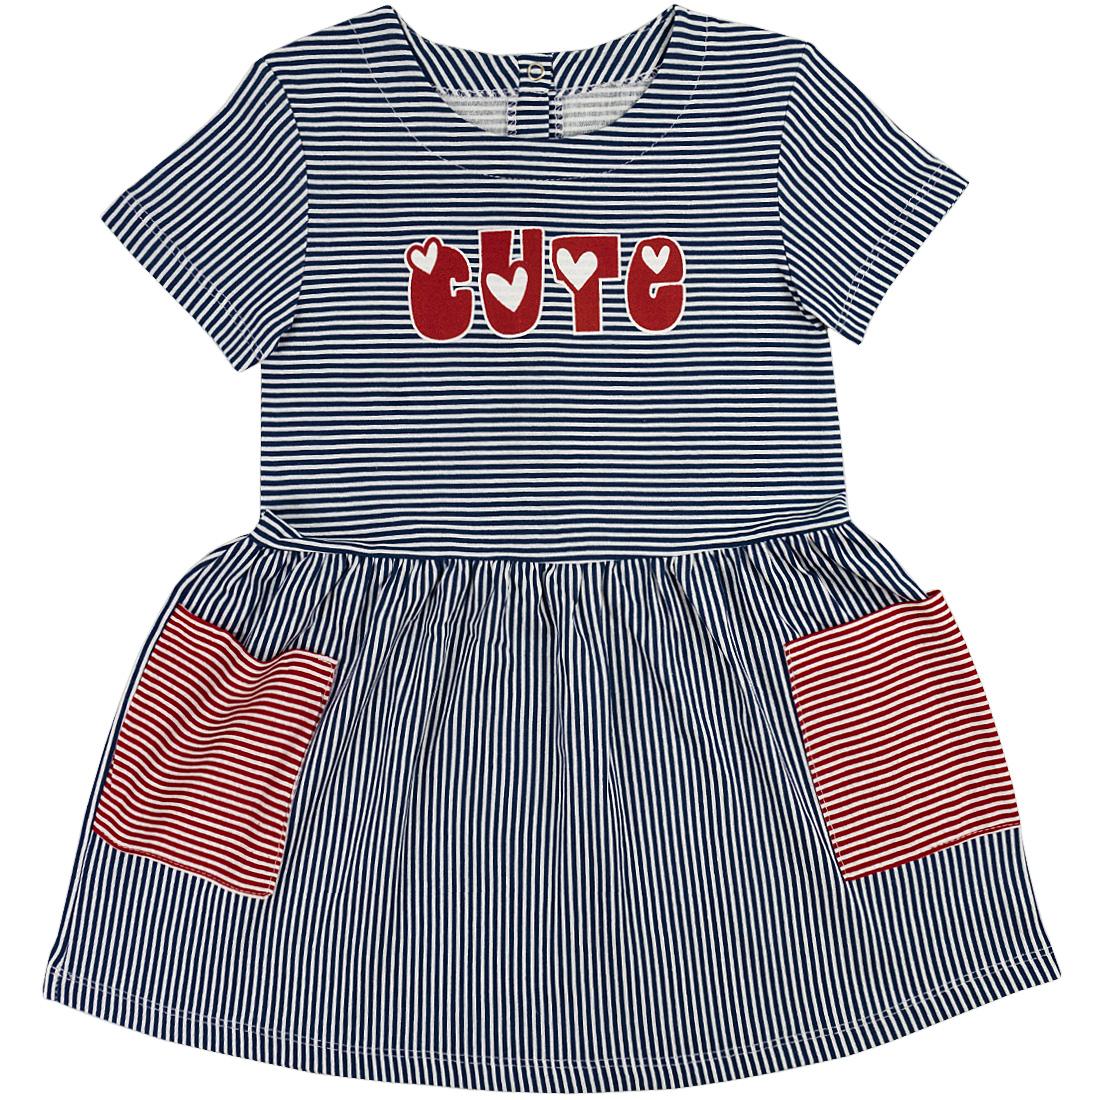 Купить 1026к ап, Платье детское Юлла, цв. синий р. 122, Платья для девочек